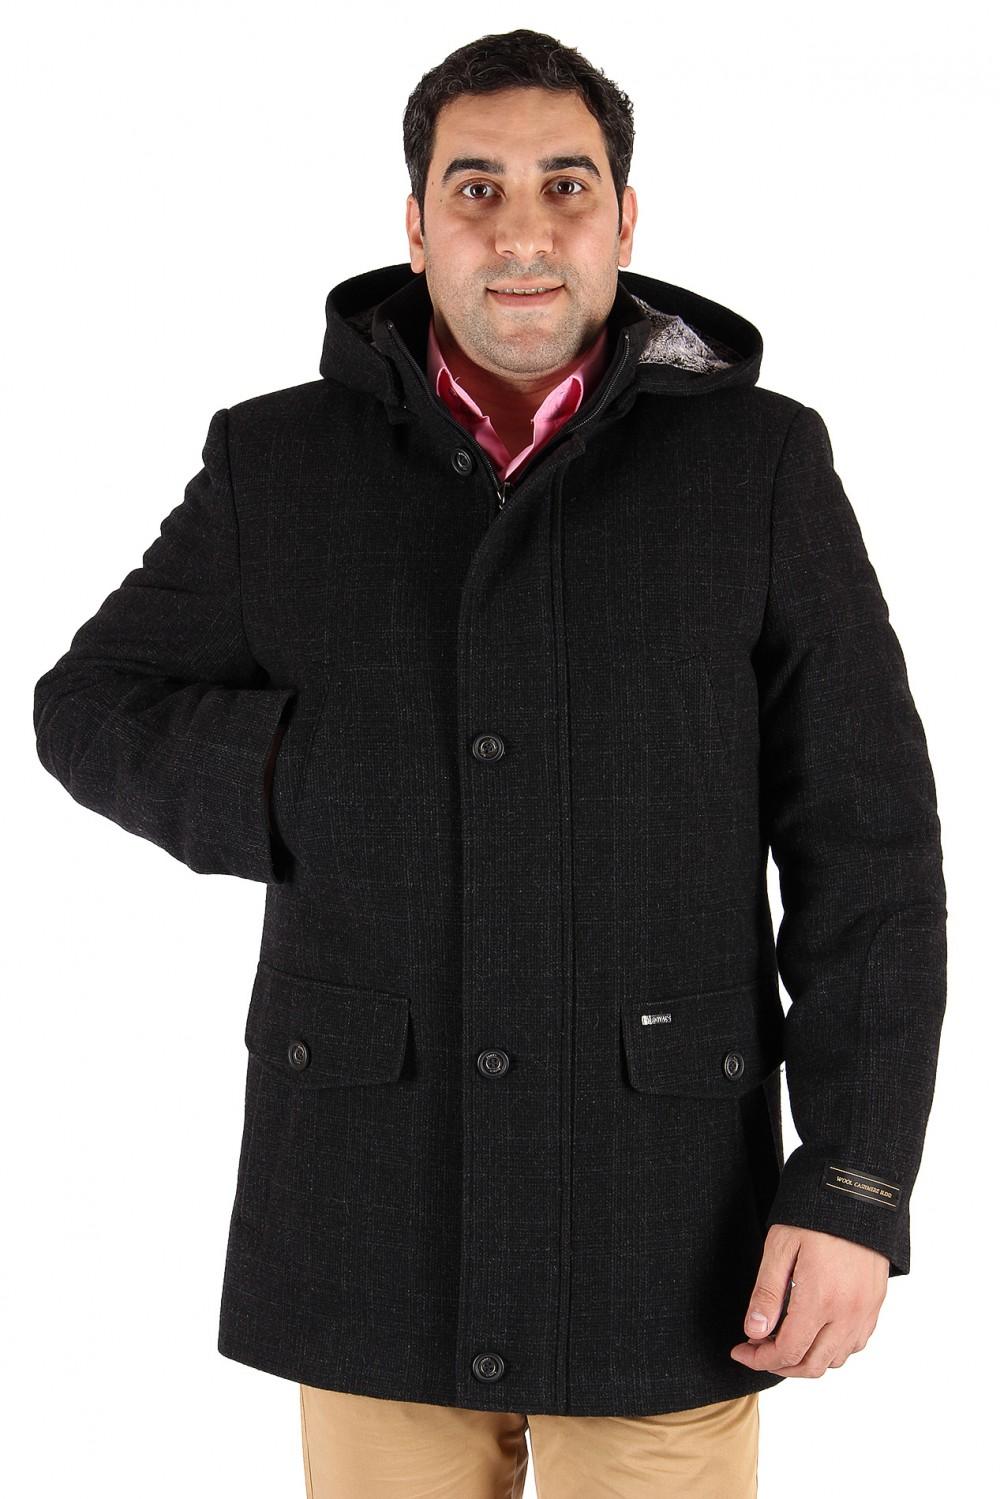 Купить оптом Полупальто мужское темно-серого цвета 23TC в Перми